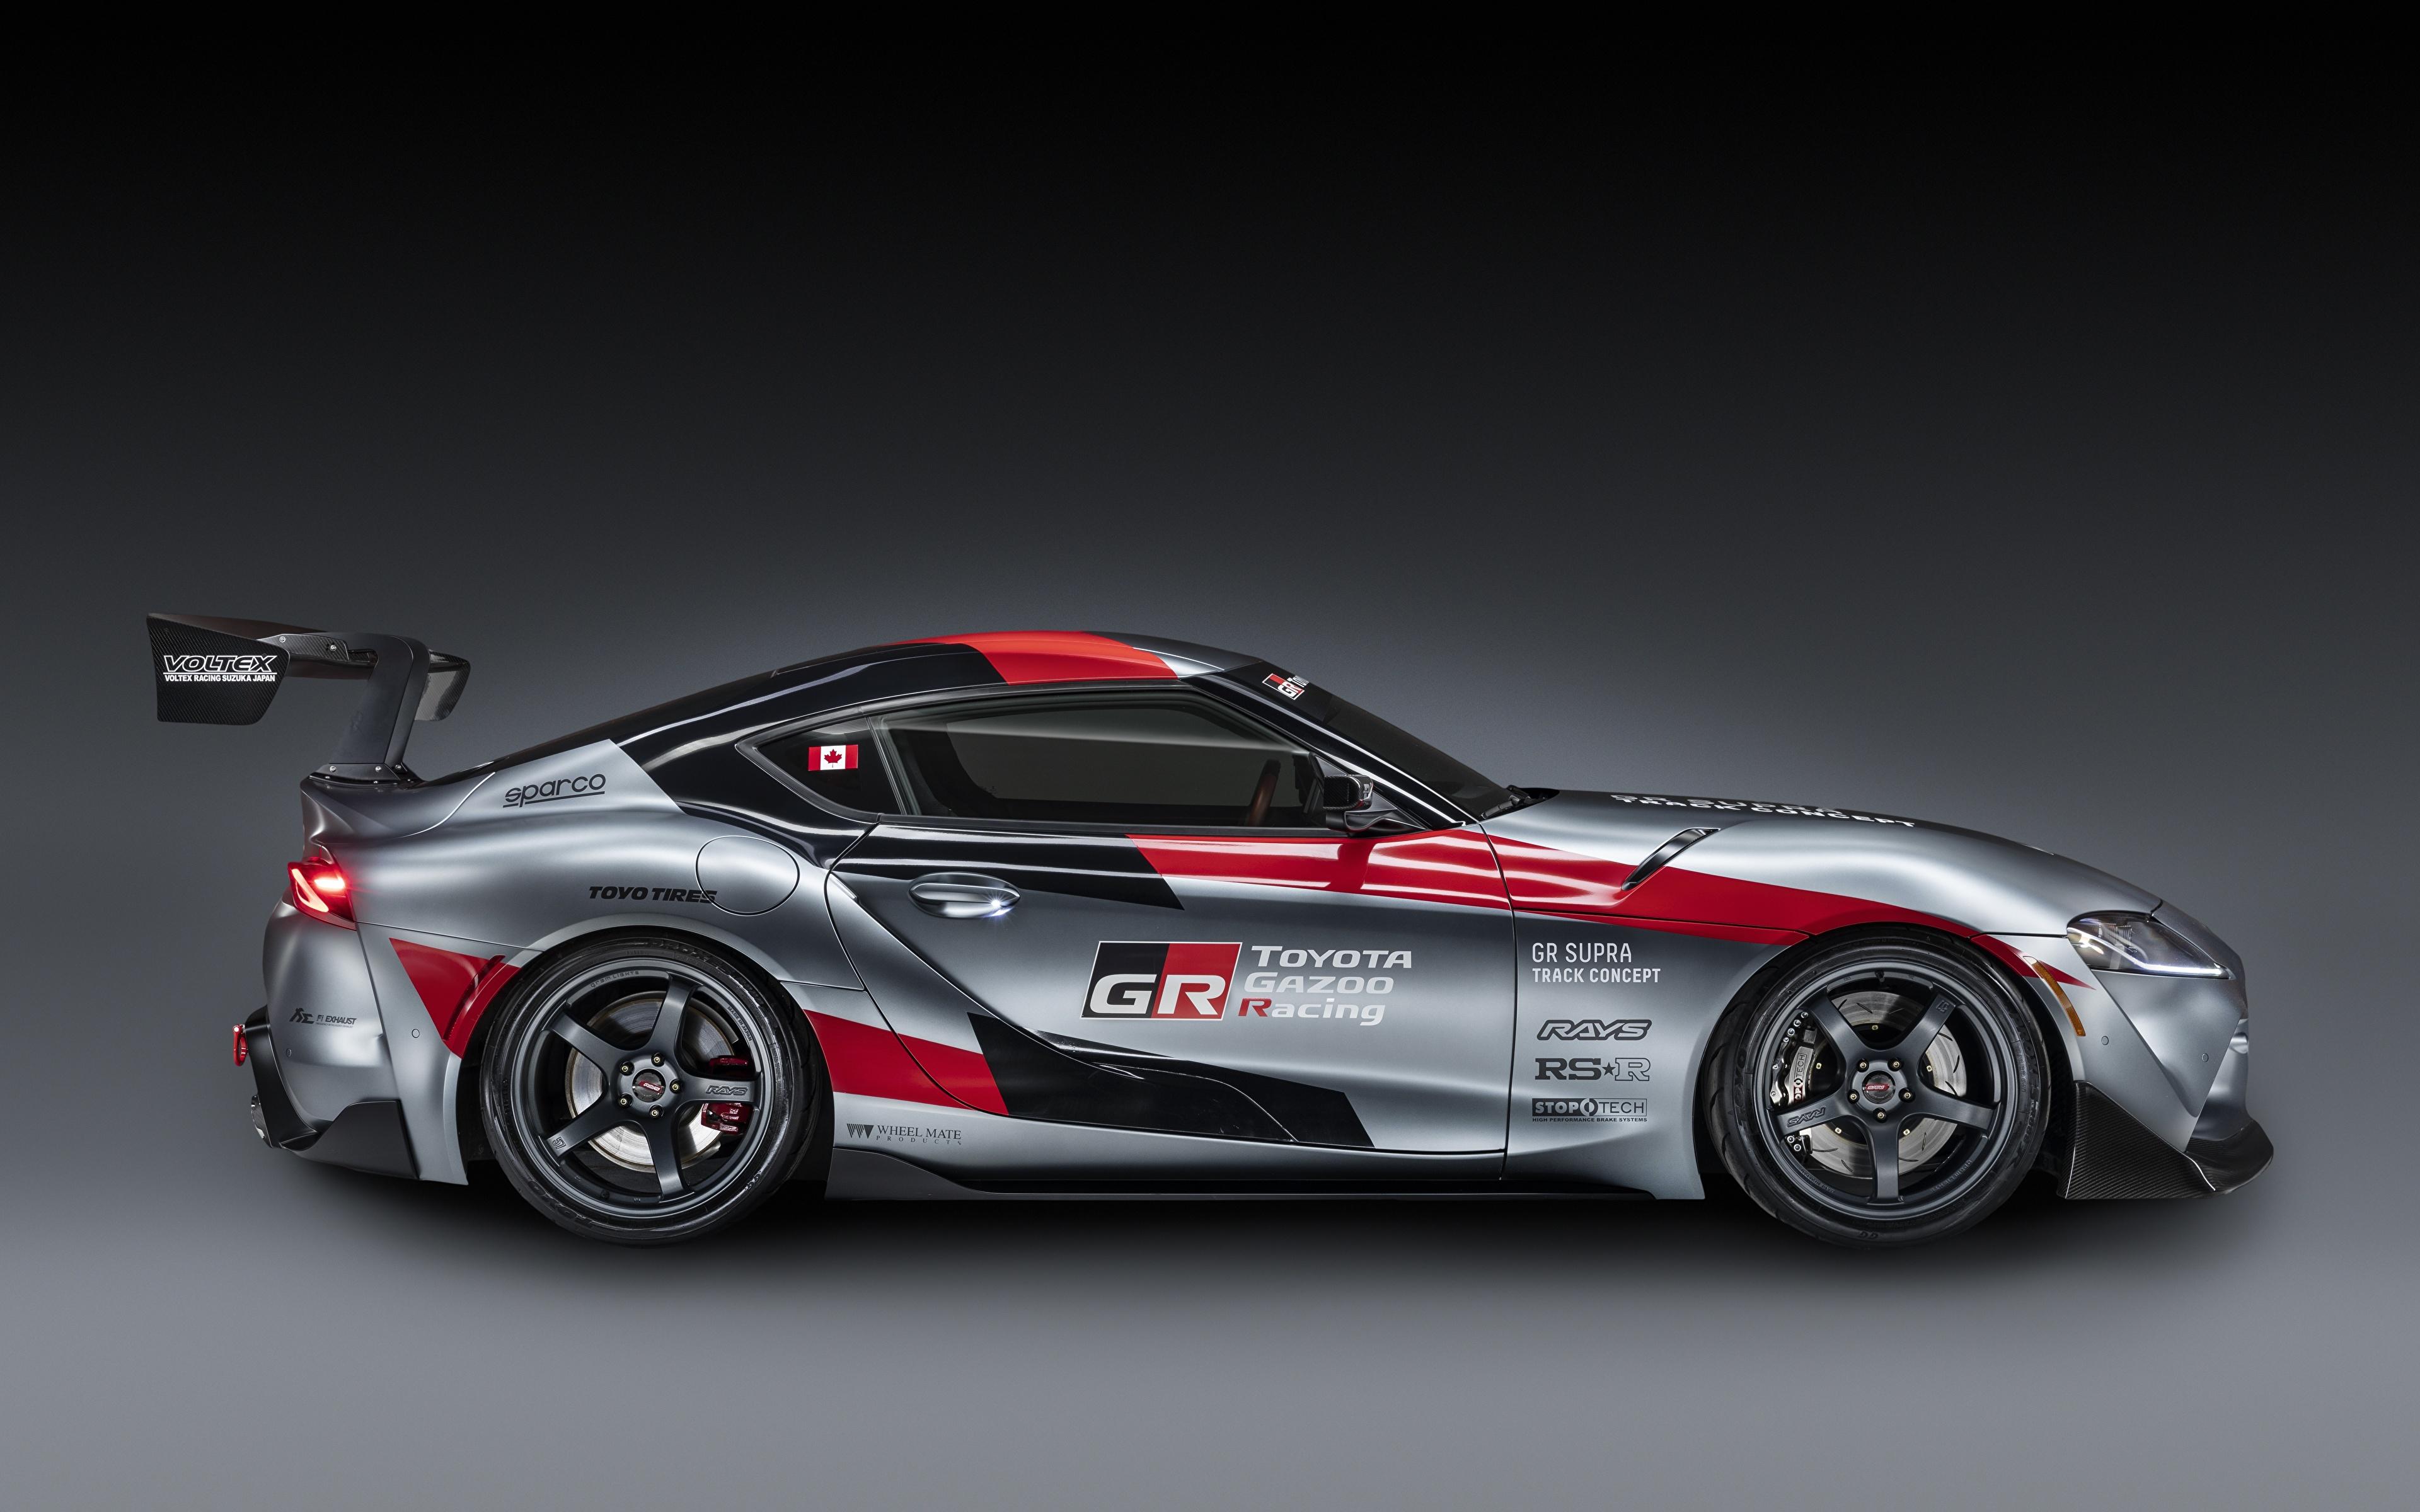 Обои для рабочего стола Тойота GR Supra Track Concept, 2020 Купе Серый авто Сбоку 3840x2400 Toyota серая серые машина машины Автомобили автомобиль